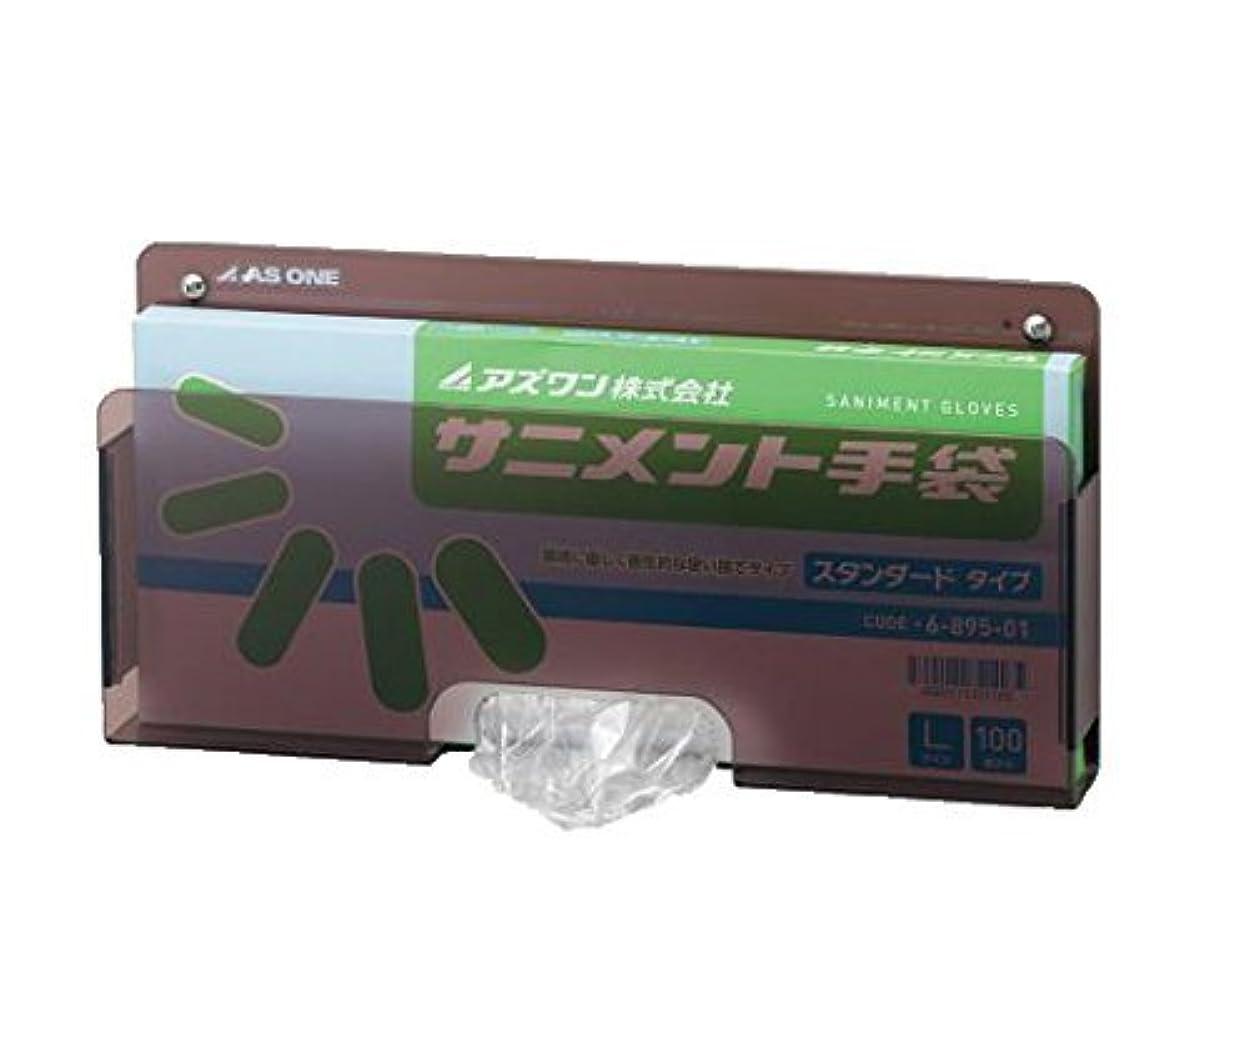 アズワン8-5369-01サニメント手袋用ケーススタンダード用